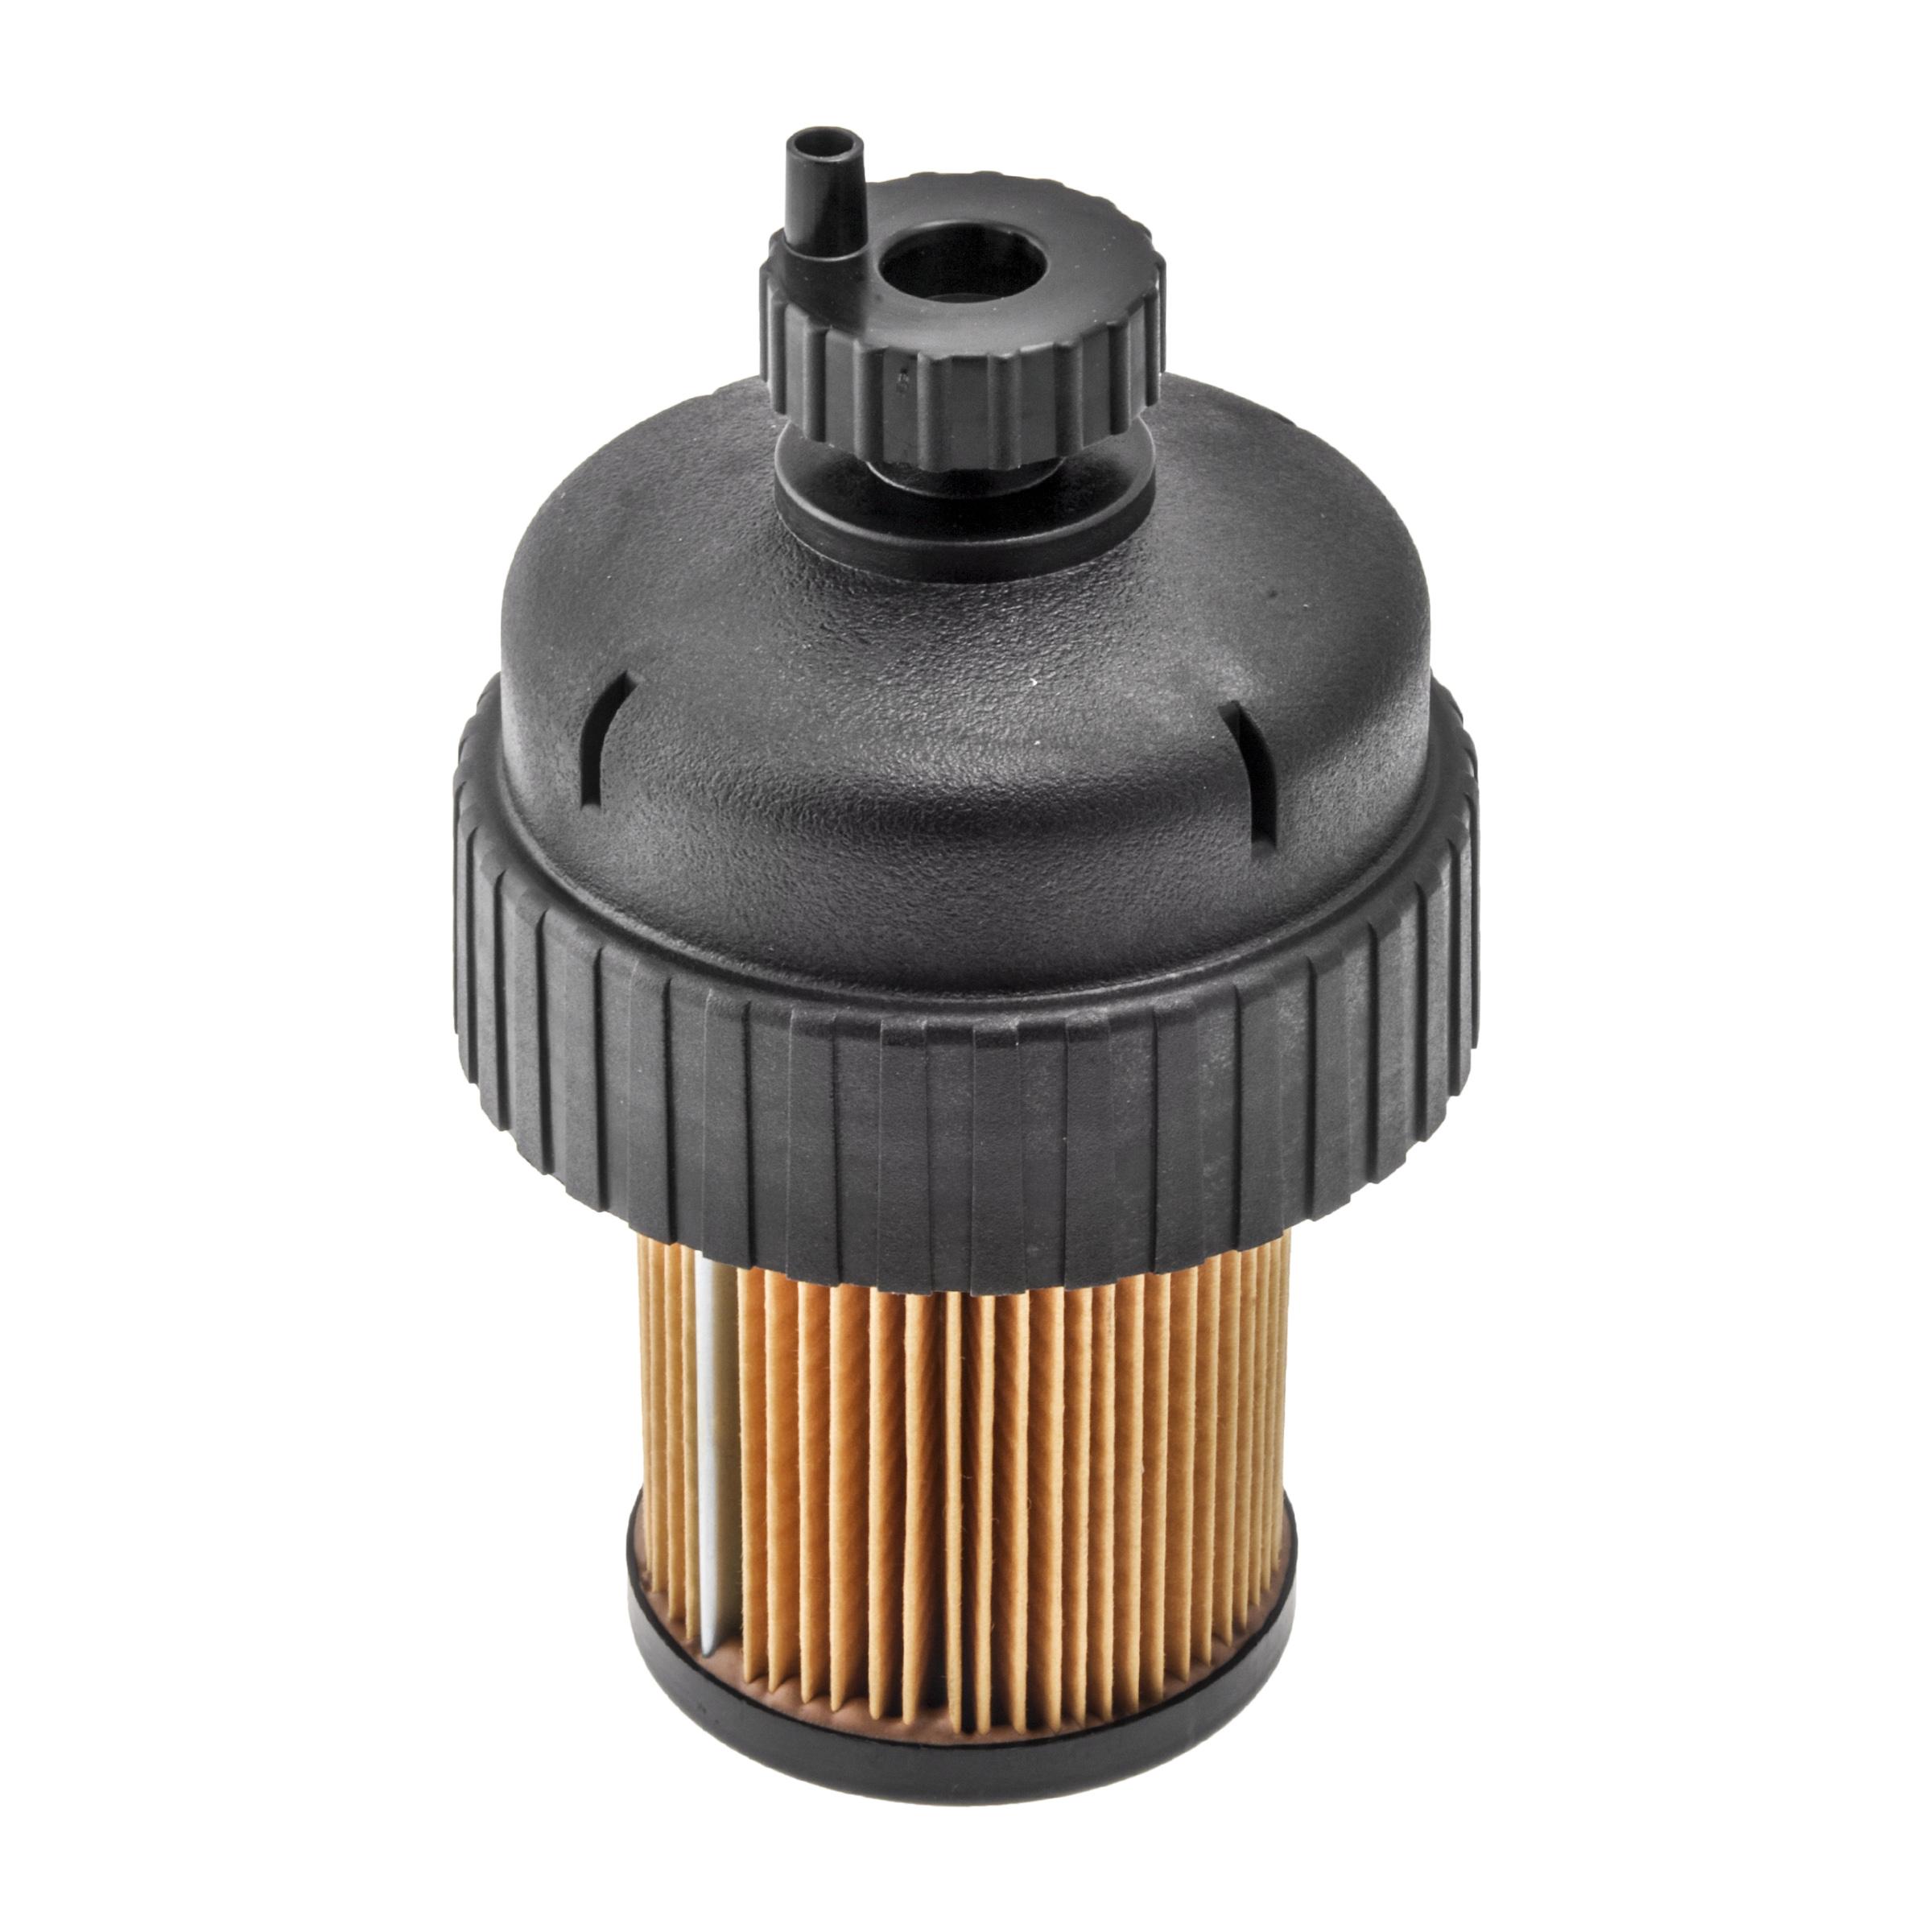 Fuel Filter Herko Automotive Auto Filters Surplus